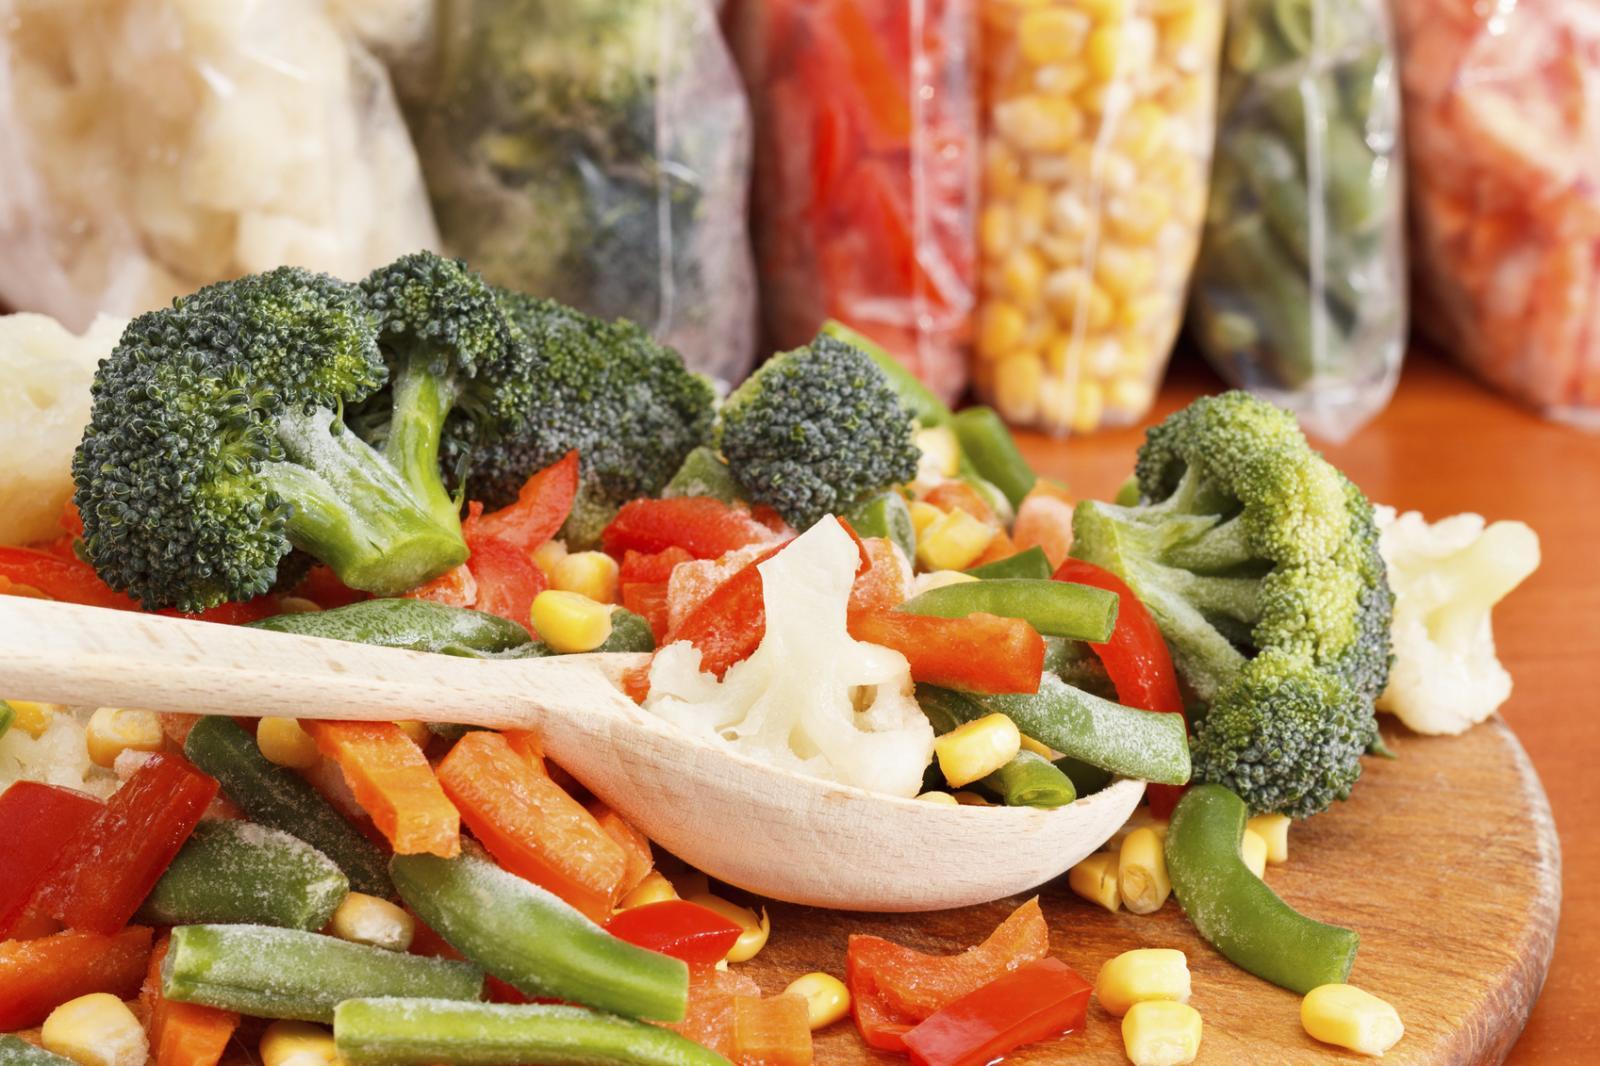 Zamrzavanjem povrće  ostaje u dobrom stanju uz najmanji gubitak vrijednih mineralnih tvari i vitamina.